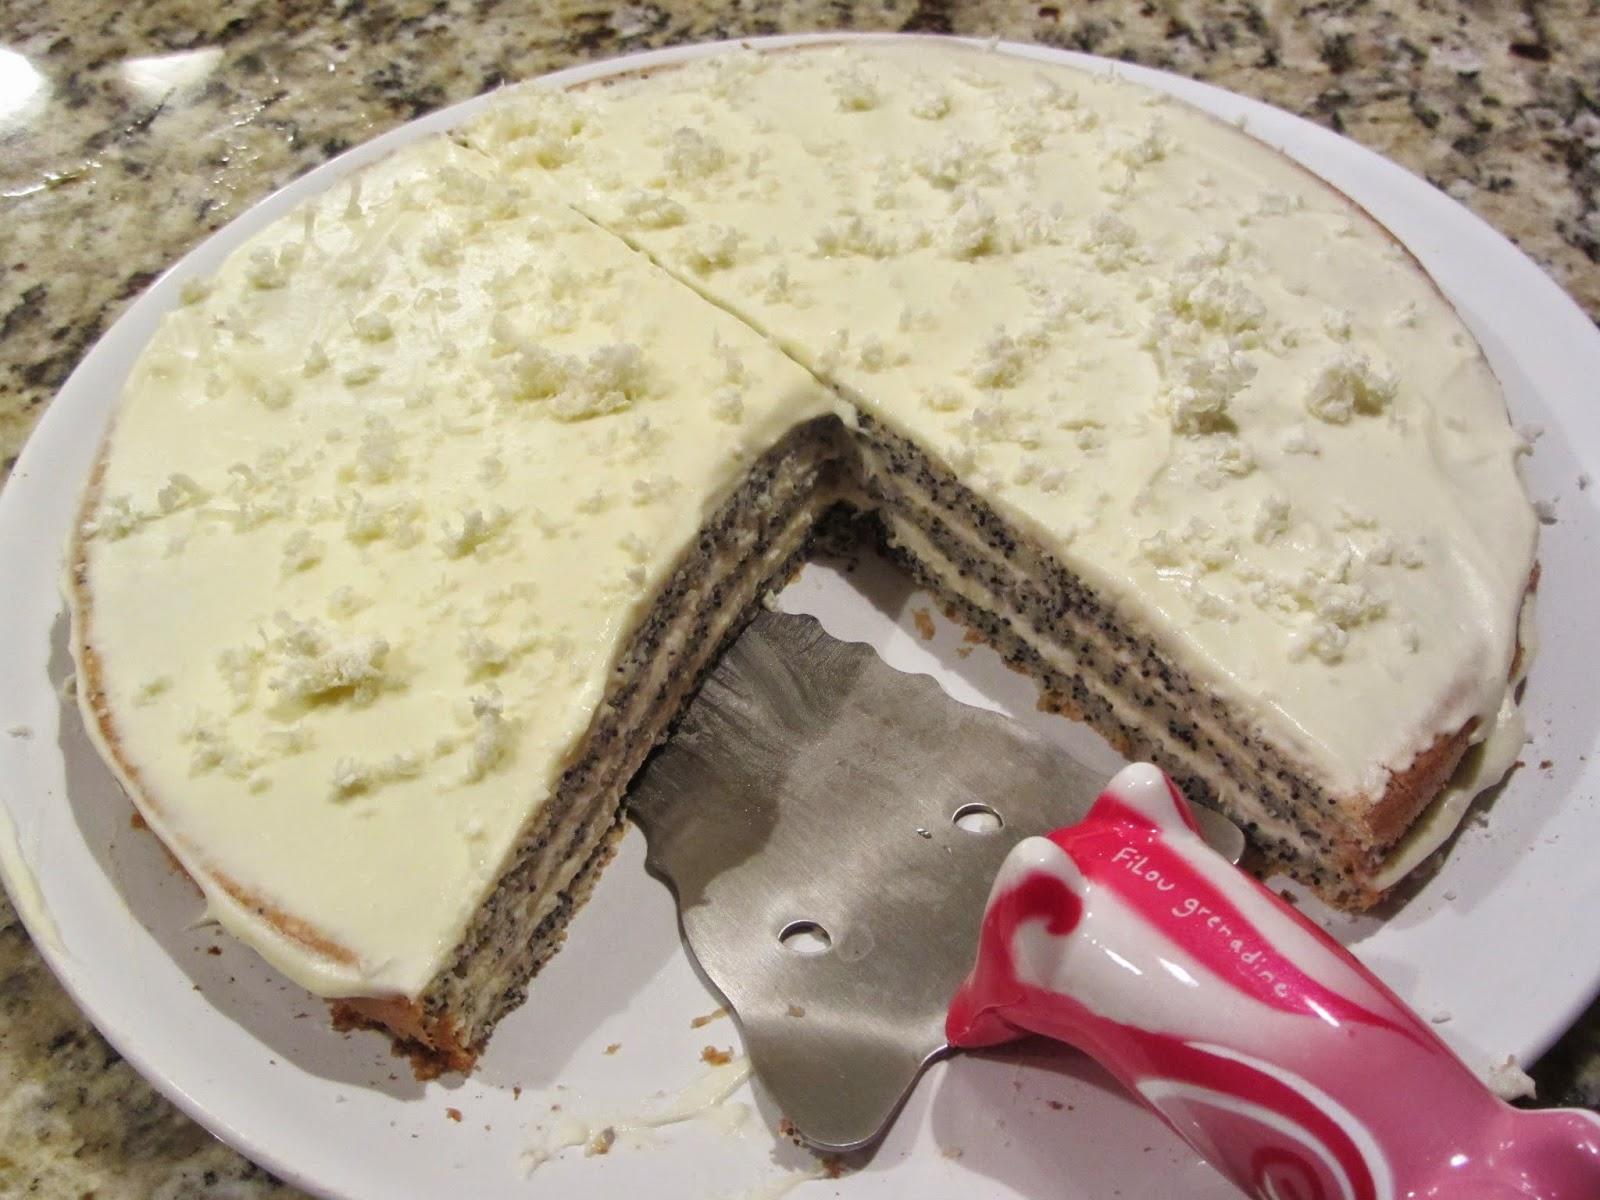 как приготовить быстро торт если ты начинаешь